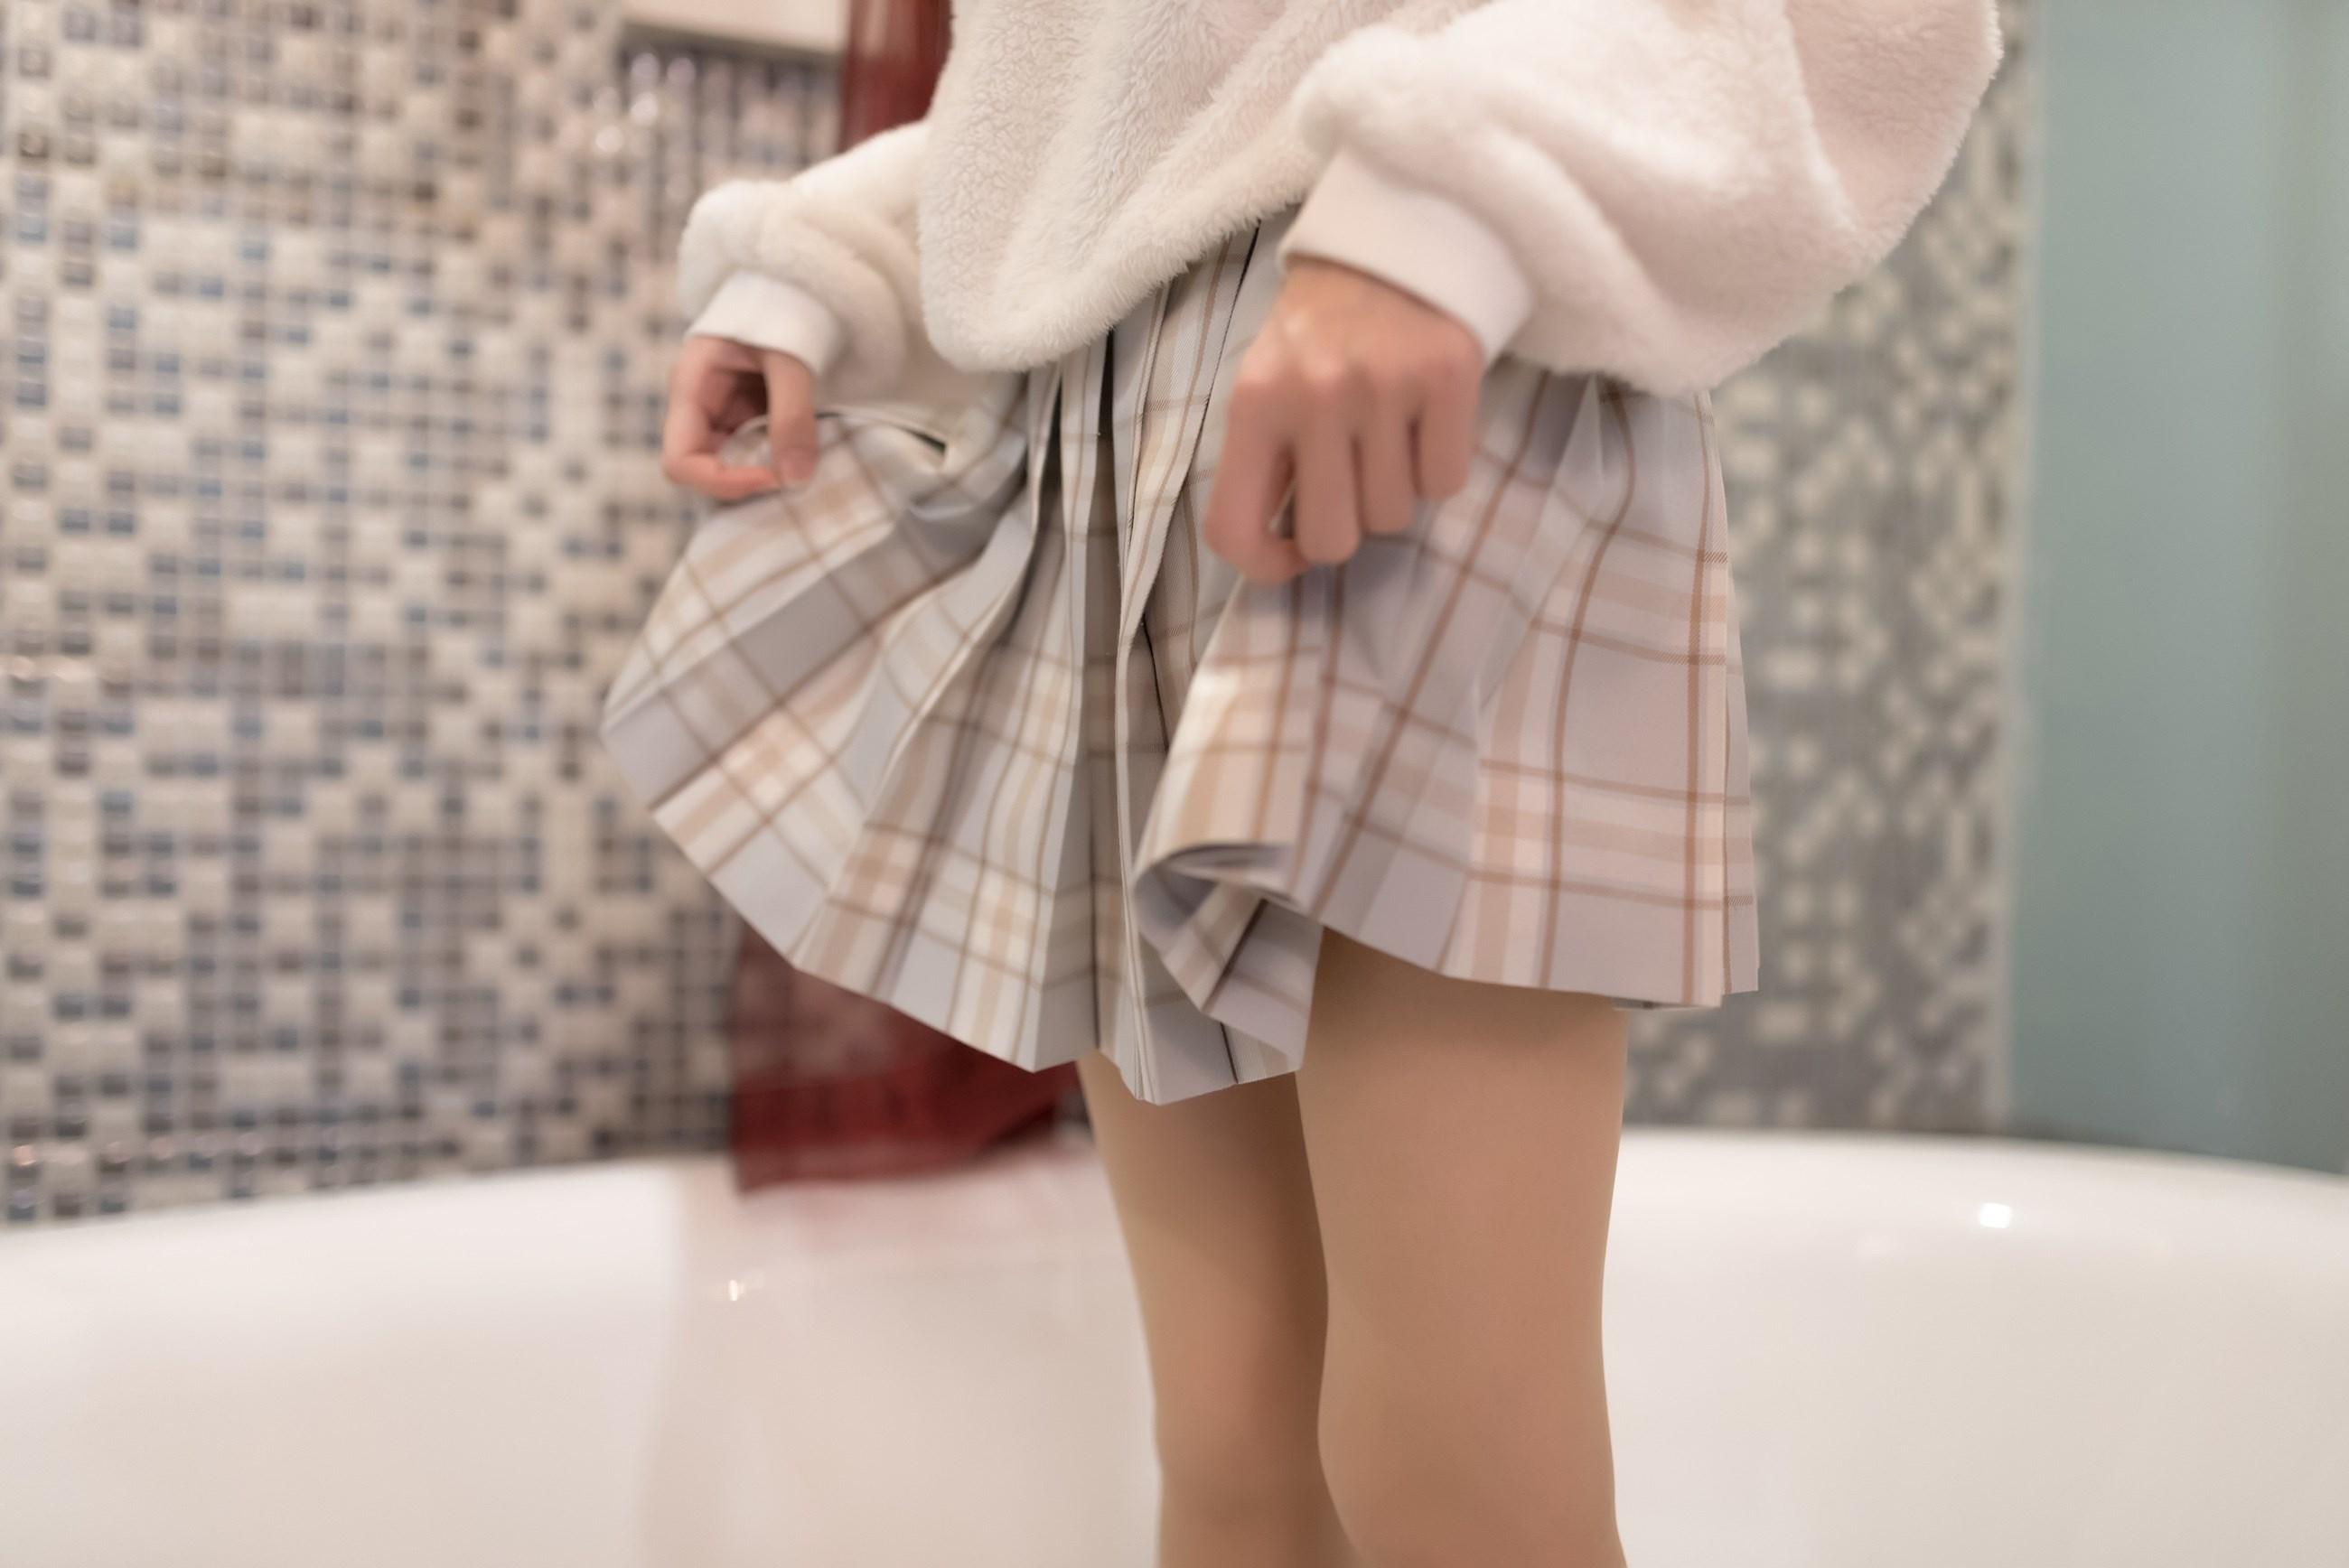 【兔玩映画】浴缸里的肉丝 兔玩映画 第13张